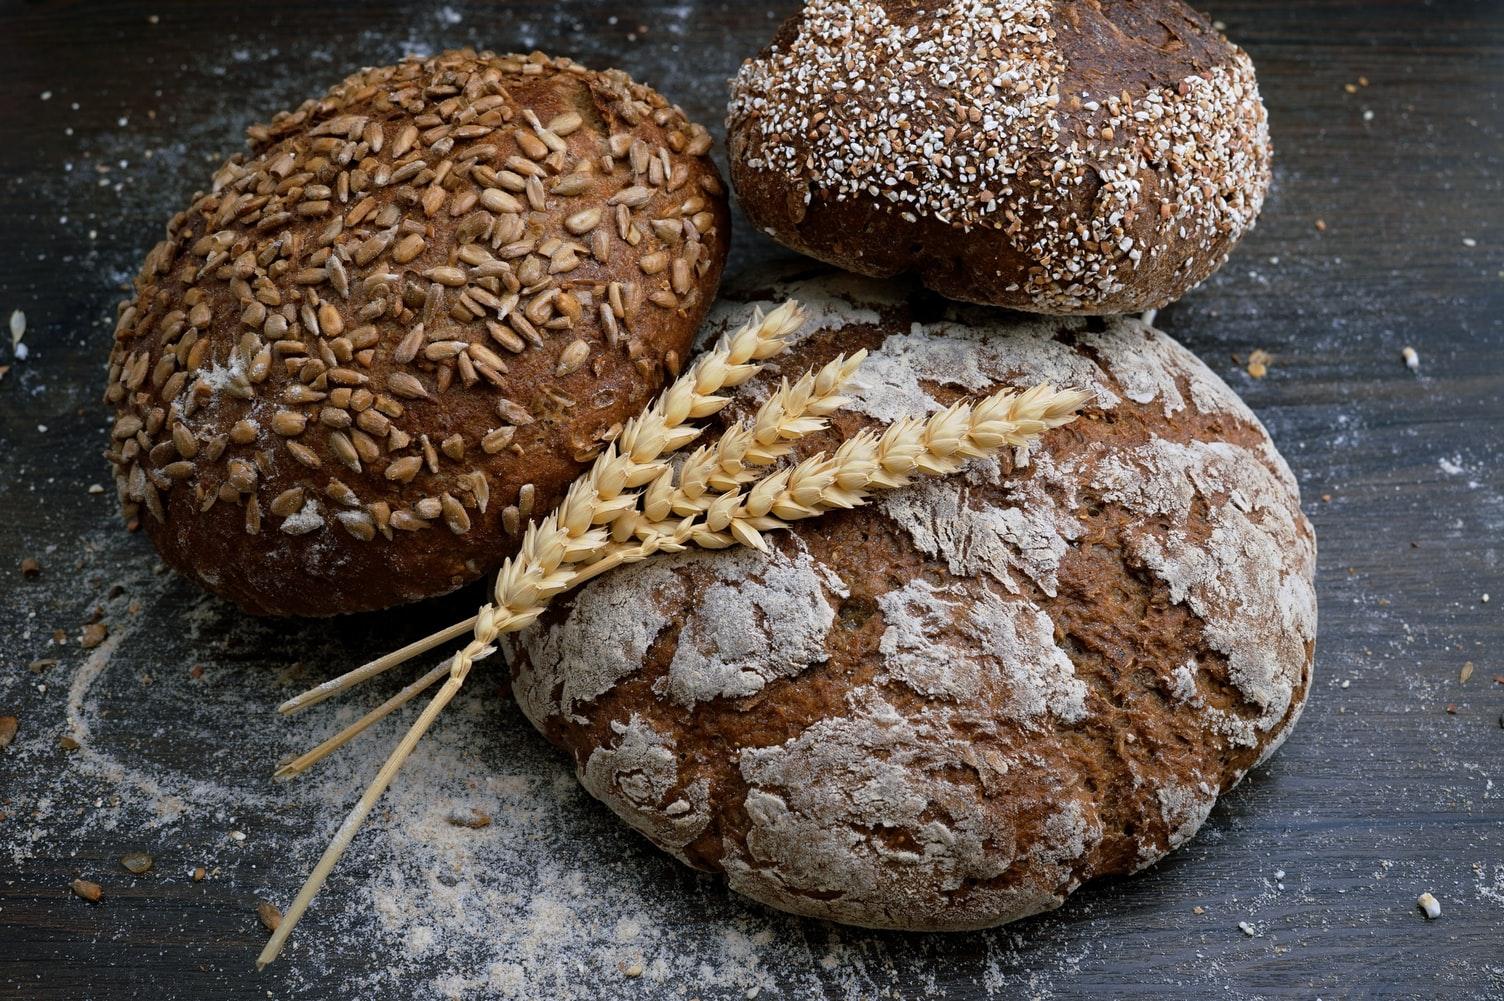 Rappel majeur des produits d'une boulangerie du Plateau suite à une infestation de souris